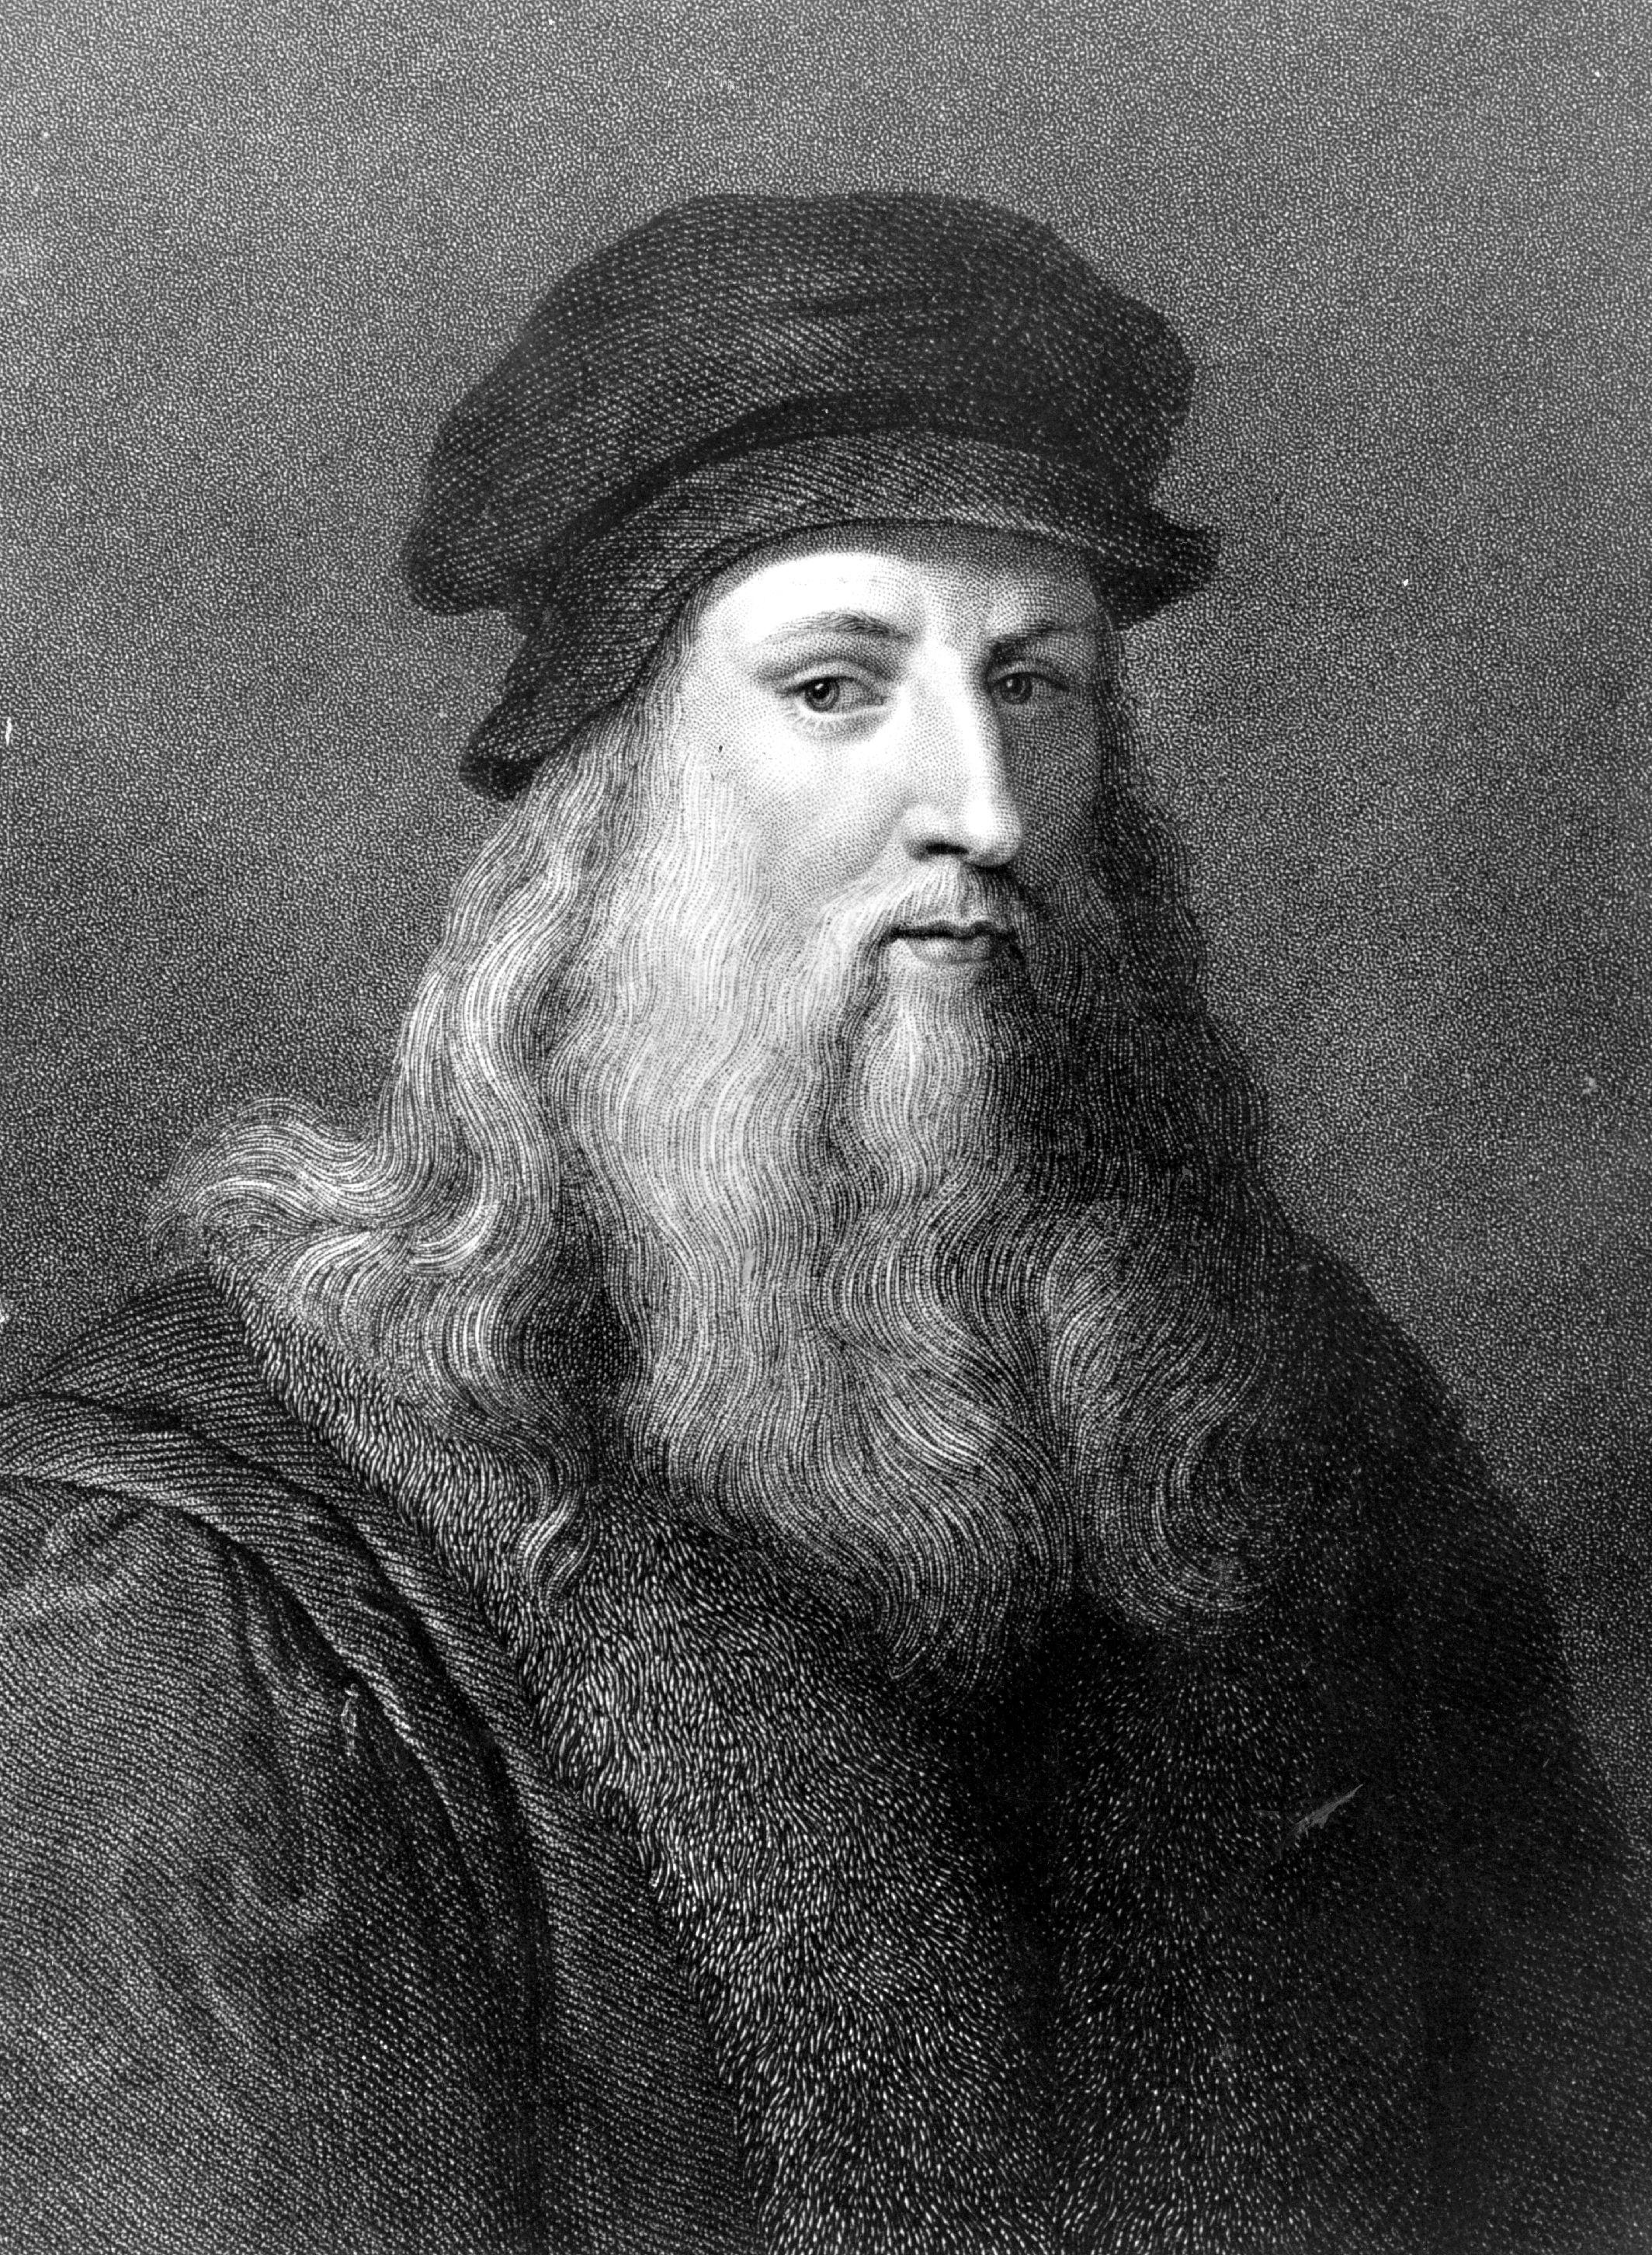 Леонардо да Винчи<br /> <br /> Да Винчи е бил художник, писател, инжинер, скулптор, изобретател, архитект и пионер в проучването на човешката анатомия. Отявлен любител на животните и един от най-известните вегетарианци за всички времена. Изглежда не е имало нещо, което този мъж да не прави, освен спането. Той не е бил фен на съня и след внимателно проучване започнал да следва цикъла на полифазния сън. С други думи сънят на Да Винчи се състоял от няколко кратки дрямки на всеки 24 часа.